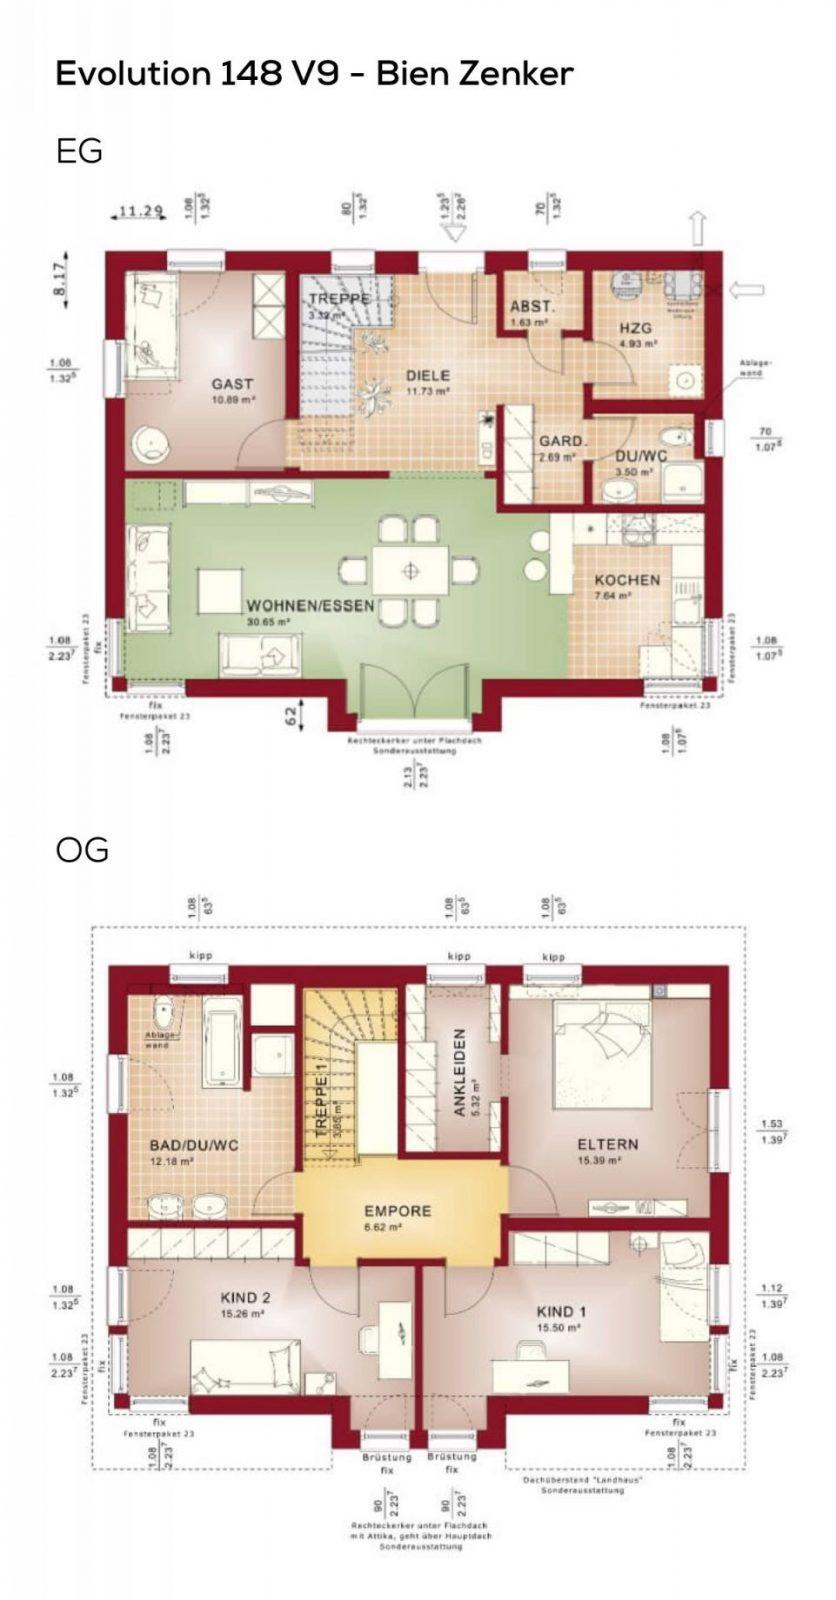 Grundriss Einfamilienhaus Mit Pultdach Architektur  5 Zimmer 150 von Grundriss Einfamilienhaus 150 Qm Photo